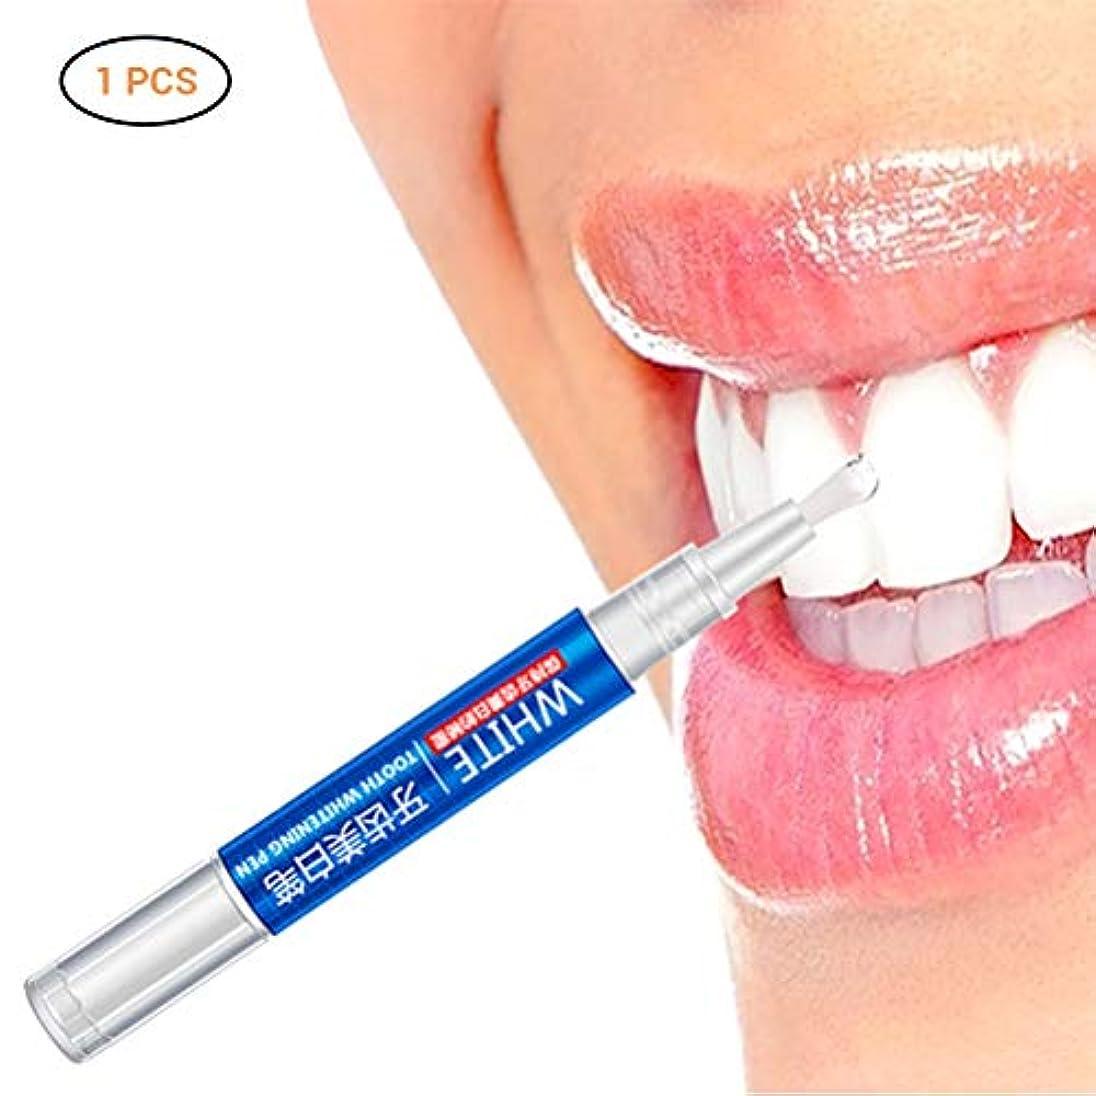 地味な暴力伝導URHOMY 歯を白くするゲルペンクイックリムーブステインイエロー歯を白くするホワイトペン歯ホワイトナーツール